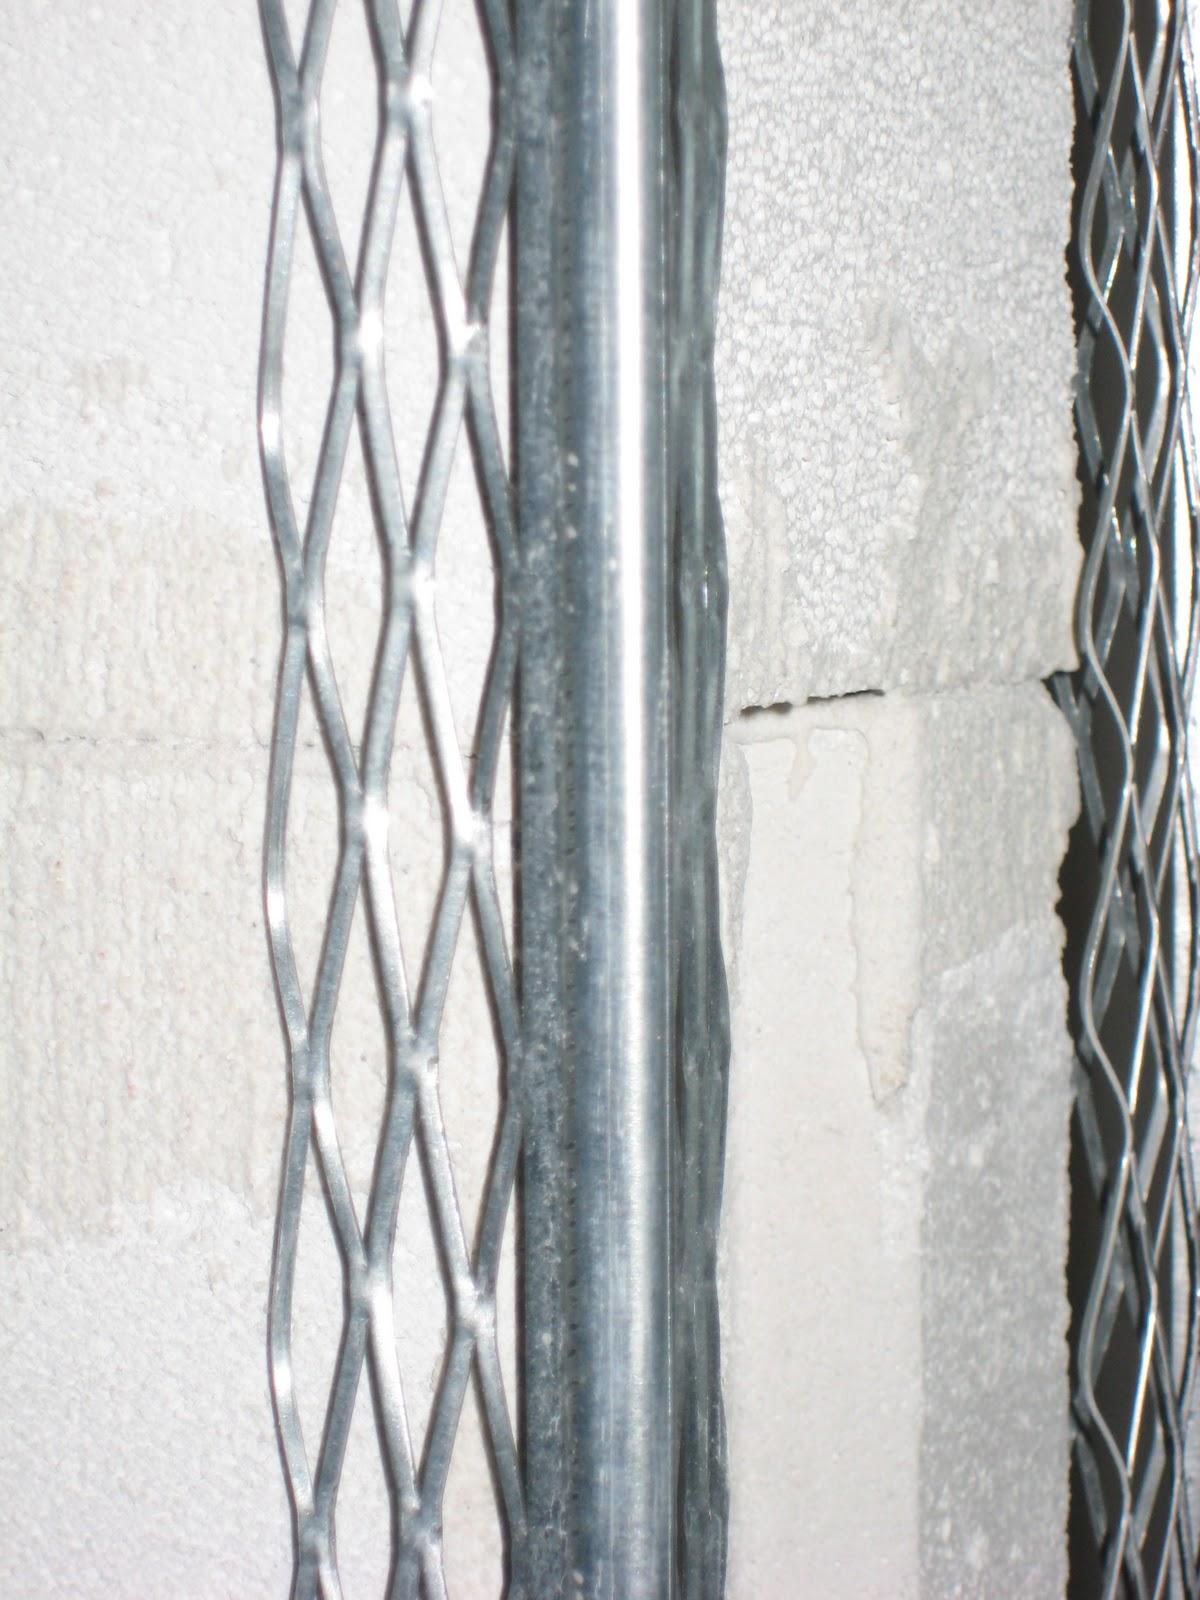 bibis und matzes traumhaus: verputzen und fensterbänke